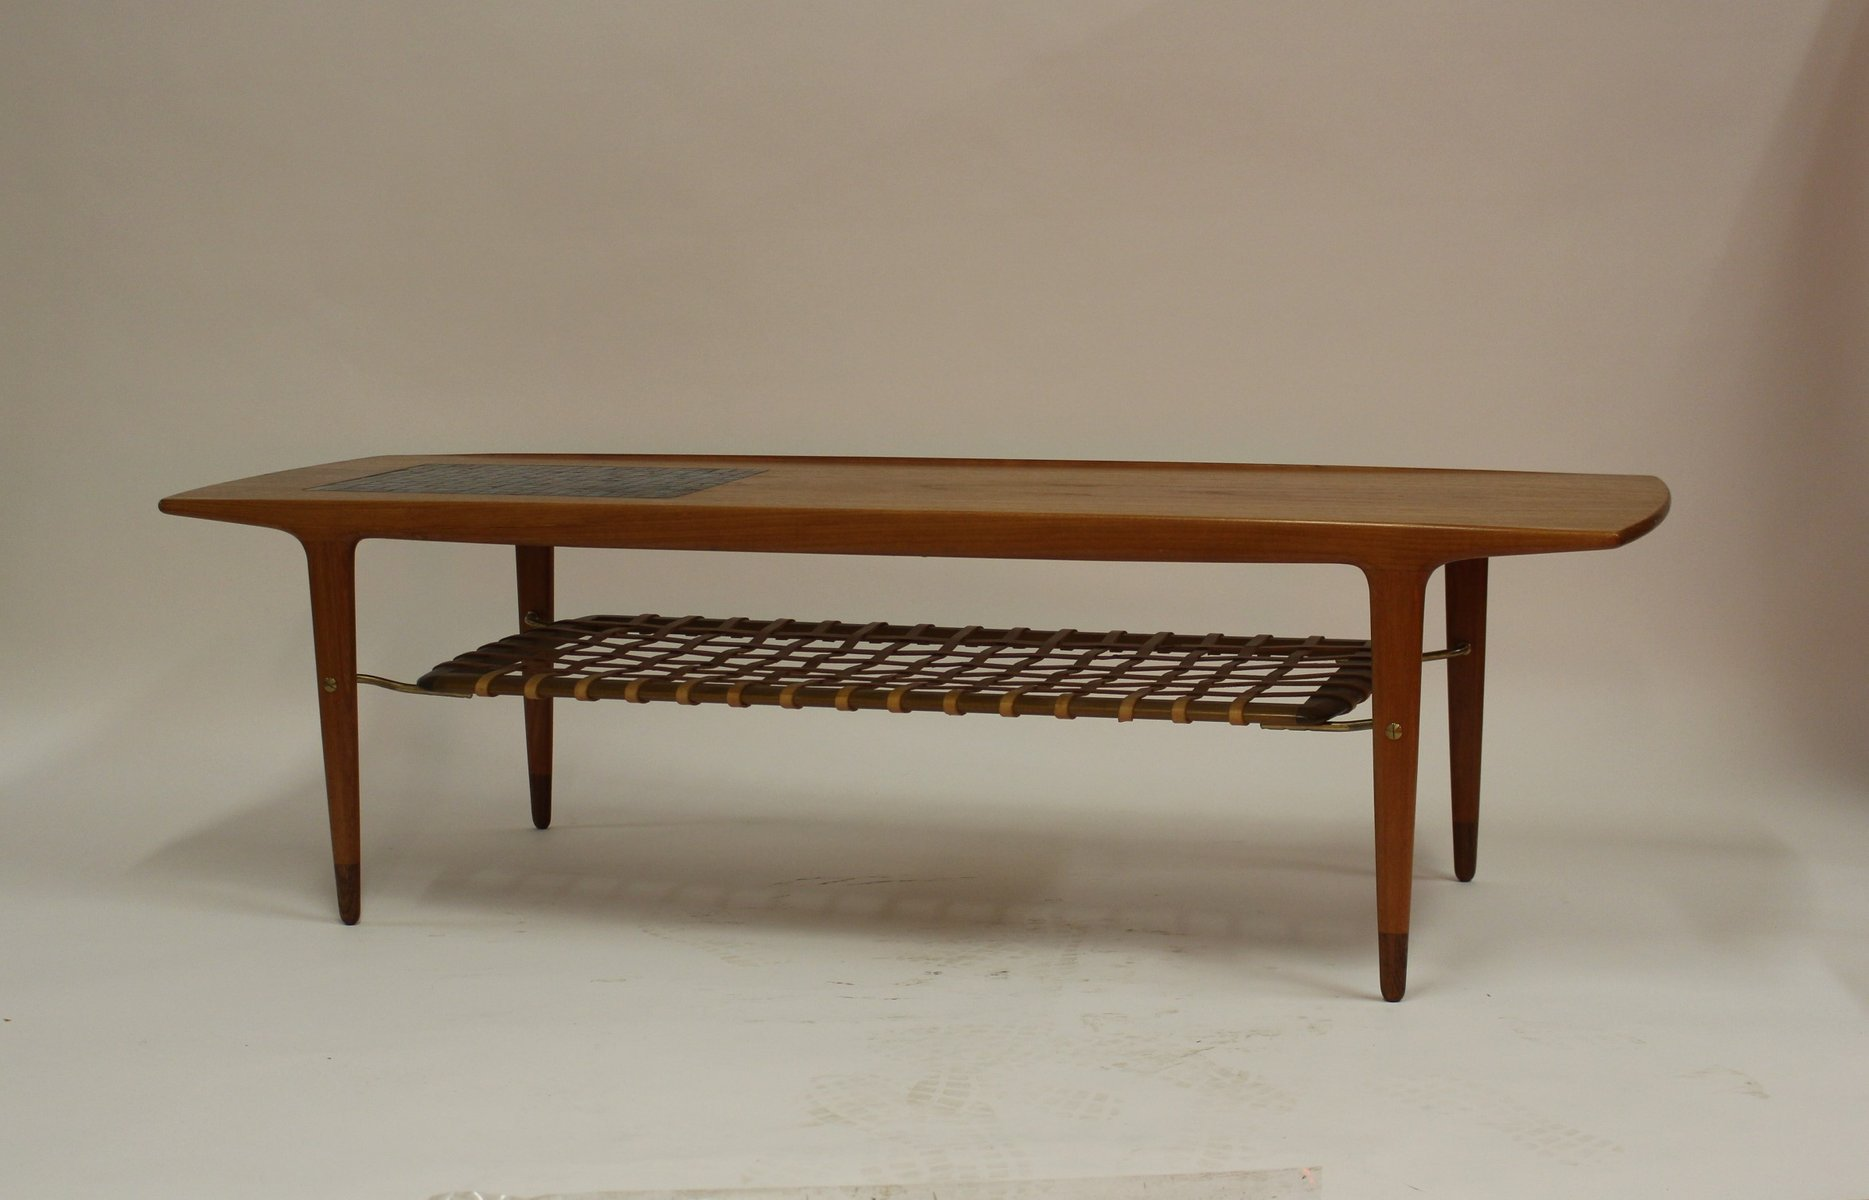 table-basse-vintage-en-teck-avec-carreaux-en-ceramique-et-porte-revues-en-cuir-9 Luxe De Table Basse En Cuir Schème